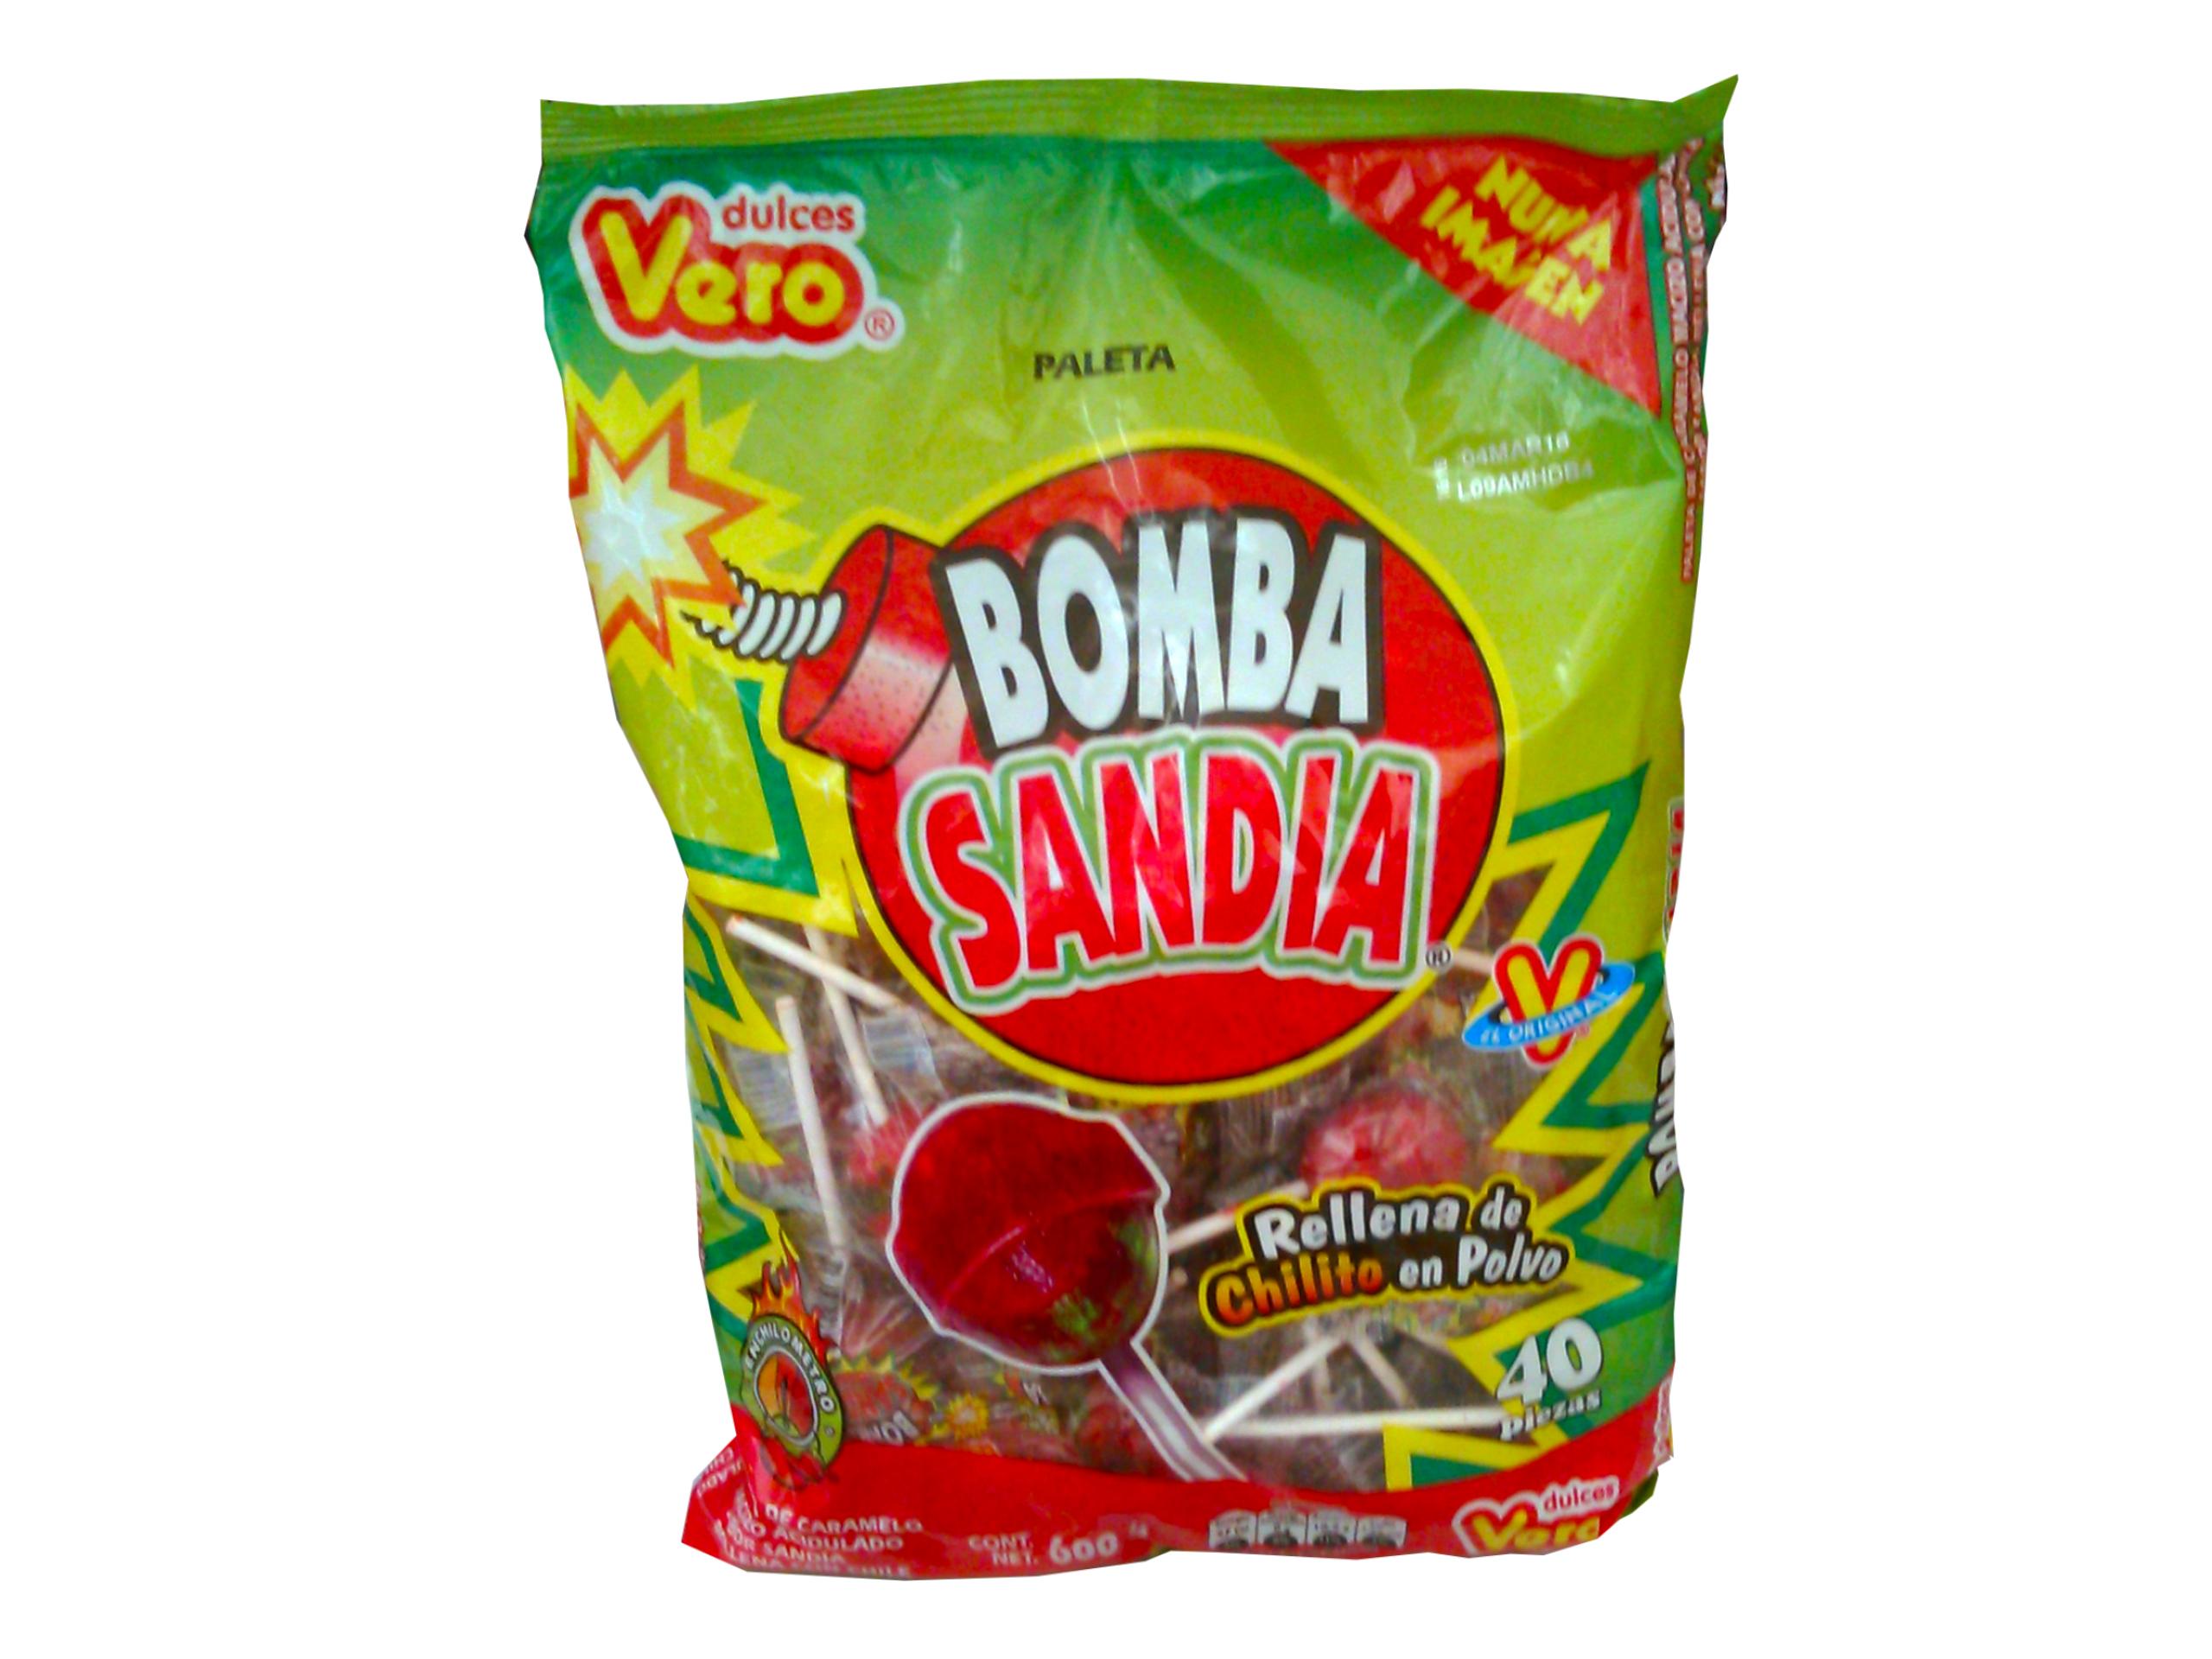 VERO  BOMBA SANDIA